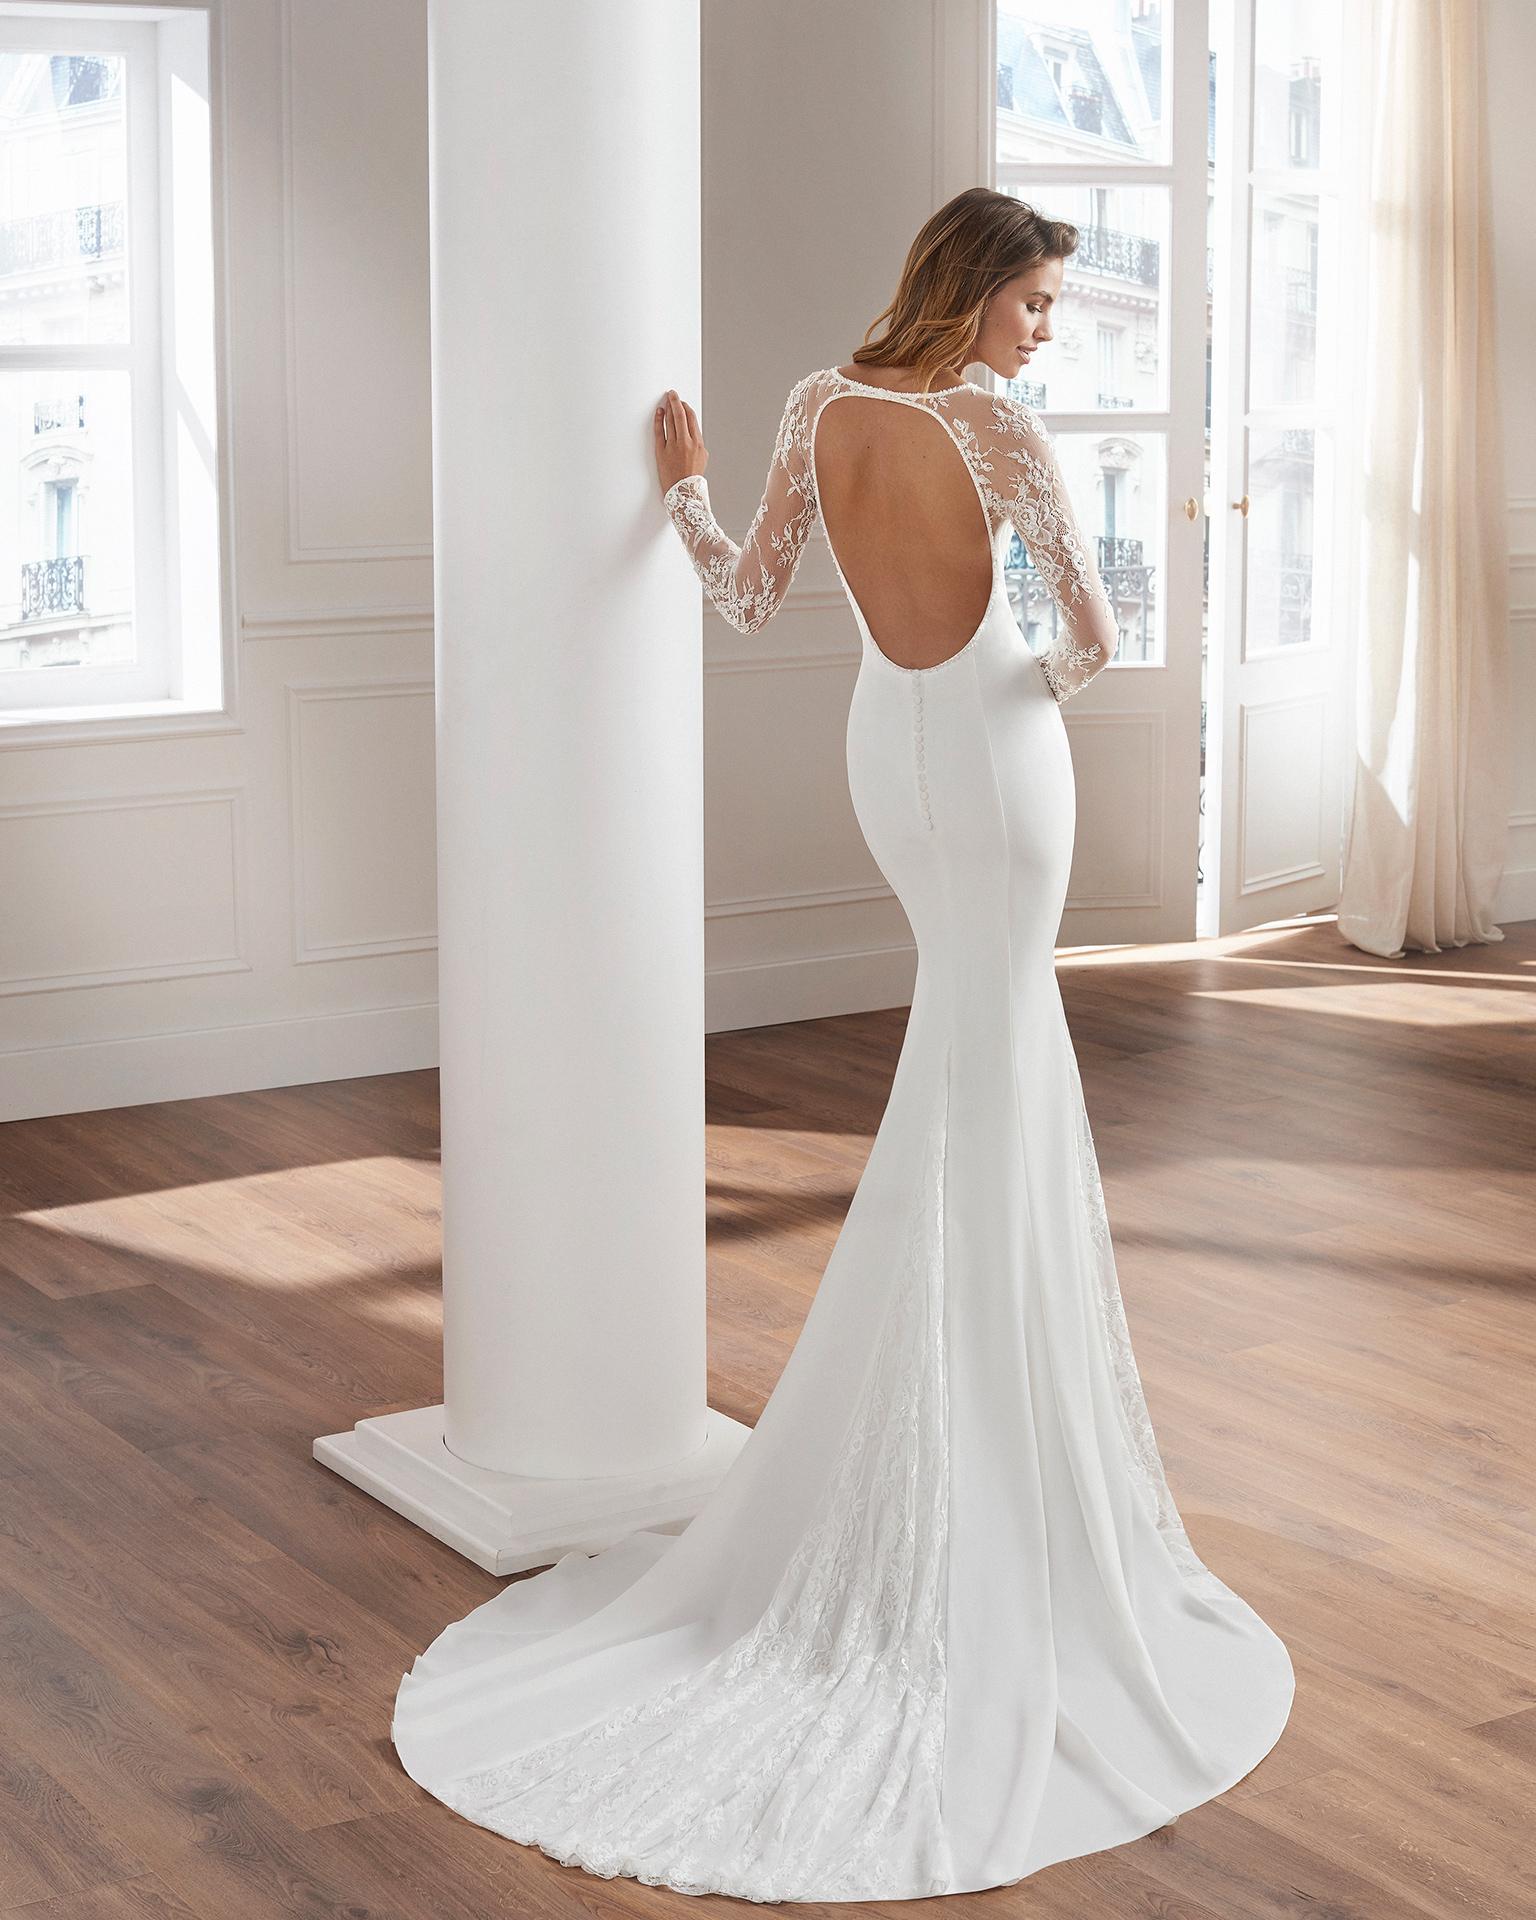 Vestido de novia corte recto en crepe. Manga larga de encaje con pedrería y encaje incrustado en la falda. Disponible en color natural. Colección  2019.